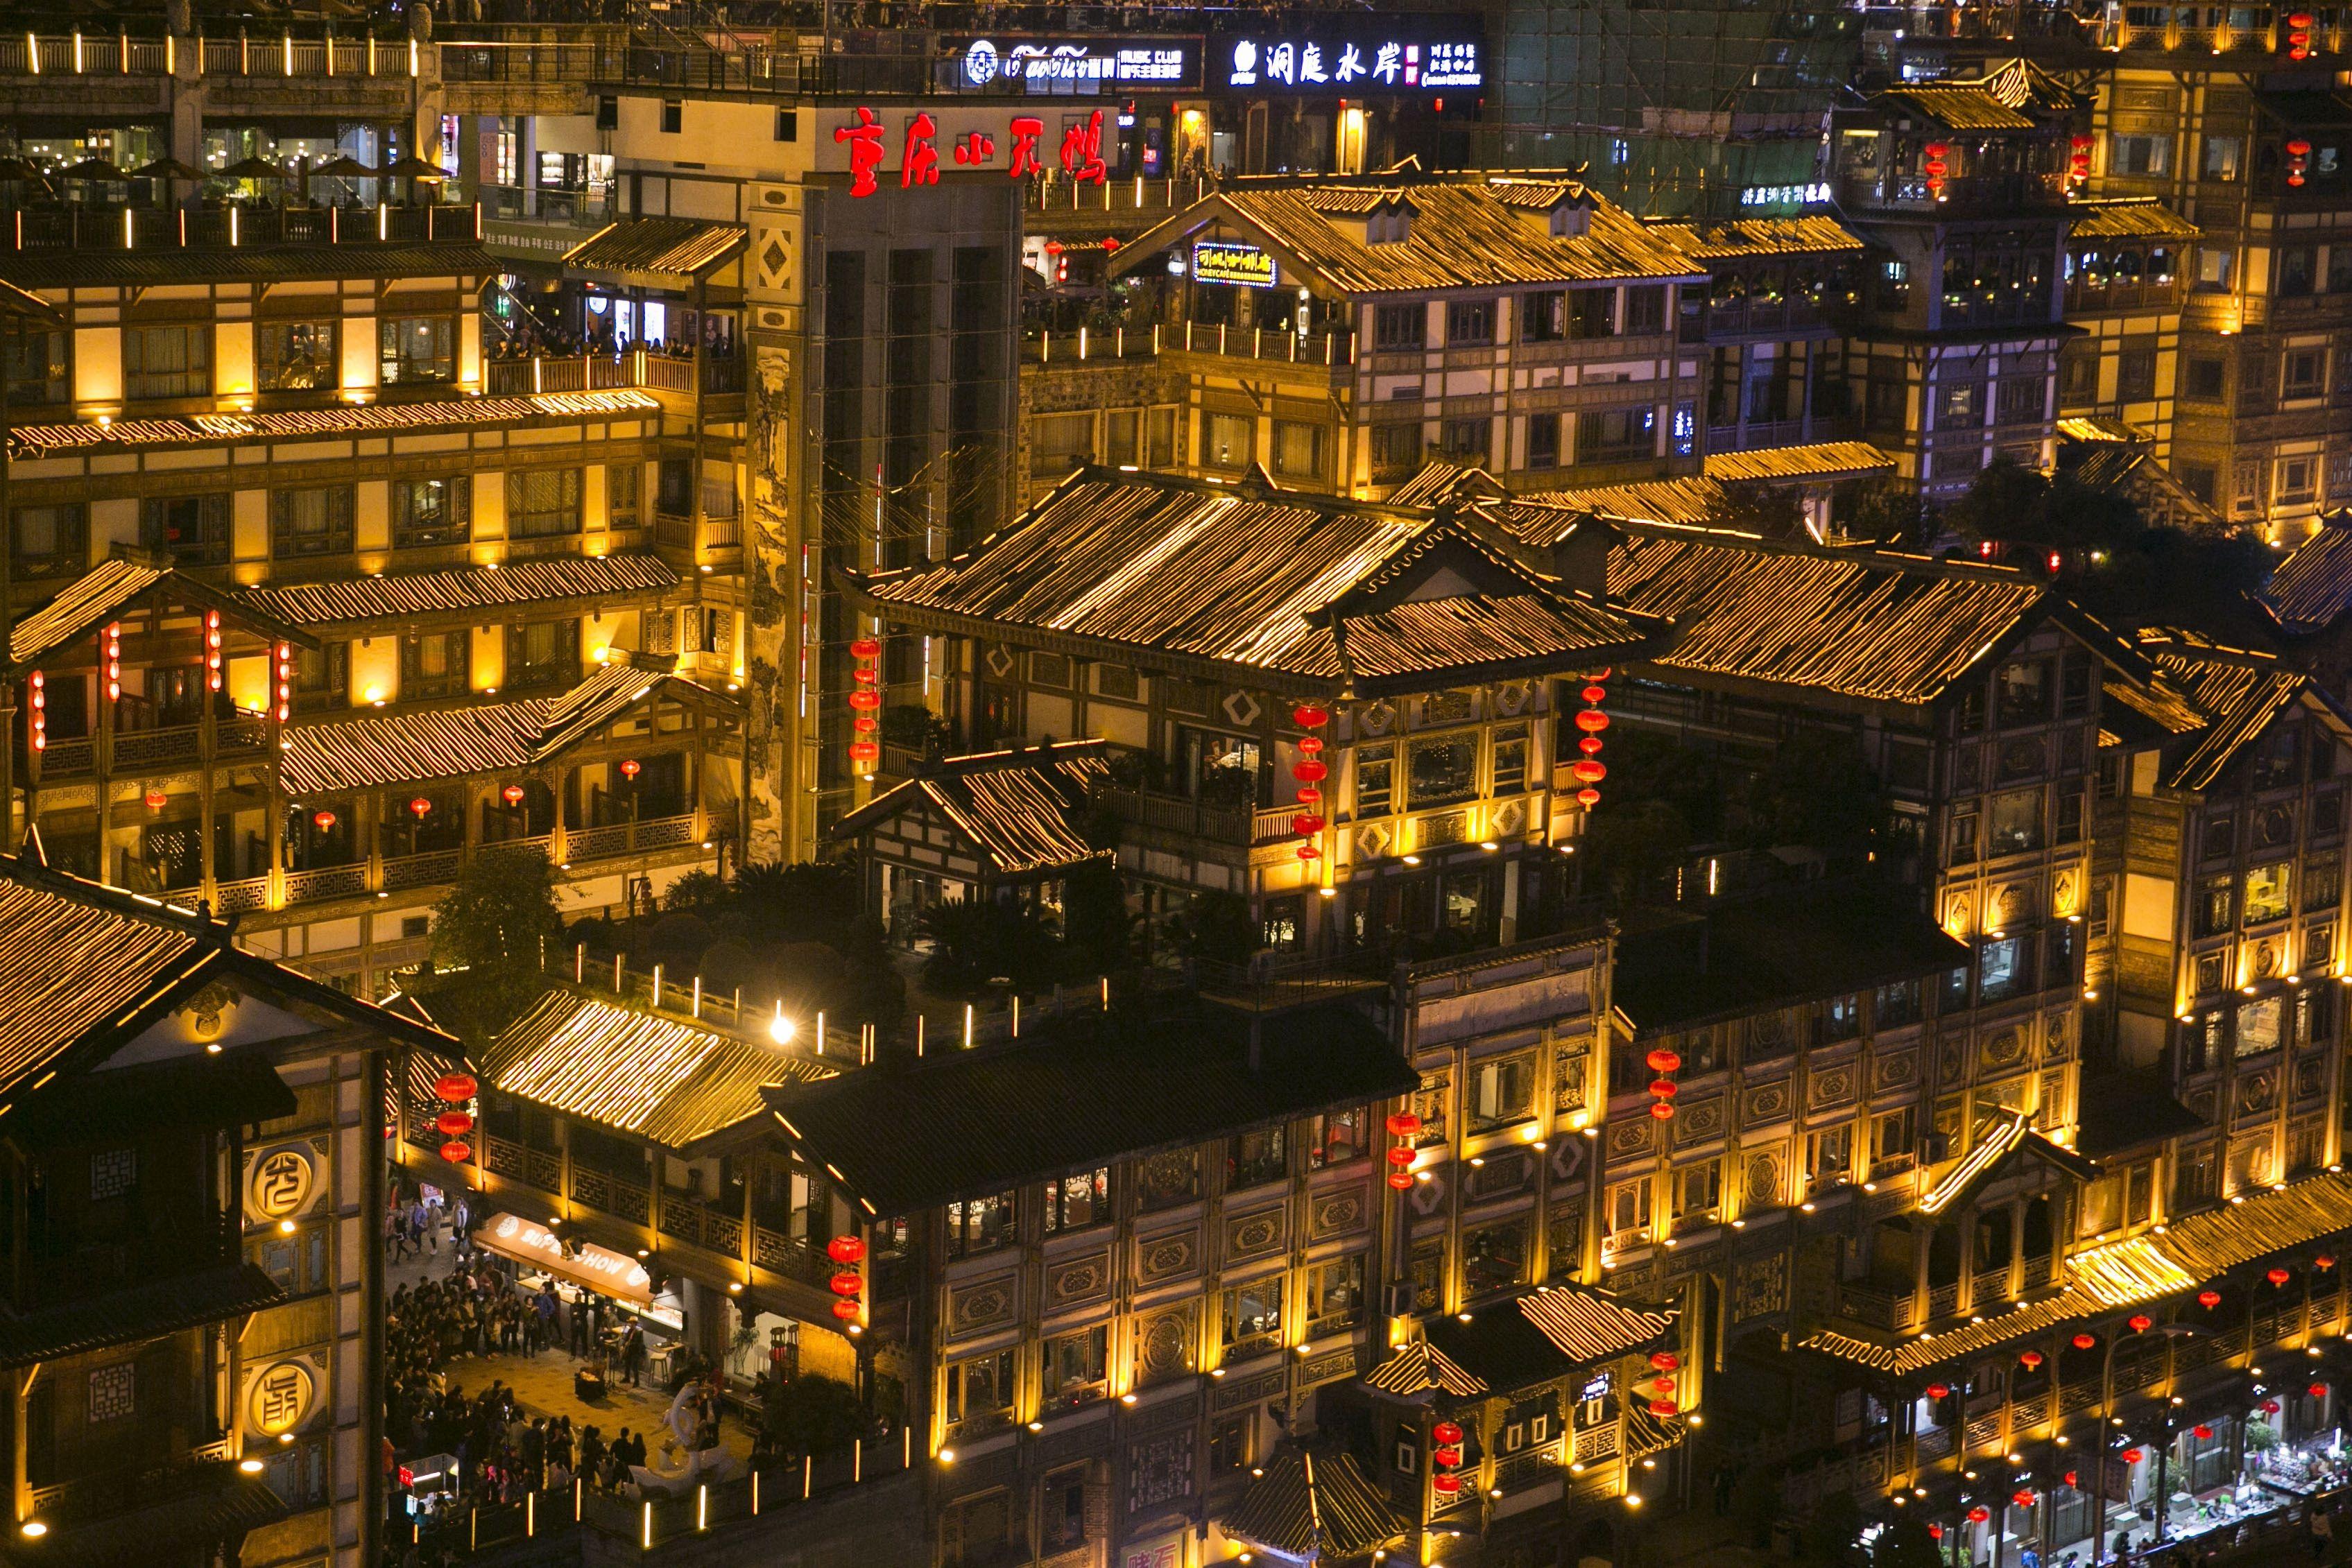 魔幻重慶、跨長江索道、飛越山城品美食、探索巴渝文化4日(無購物無自費)